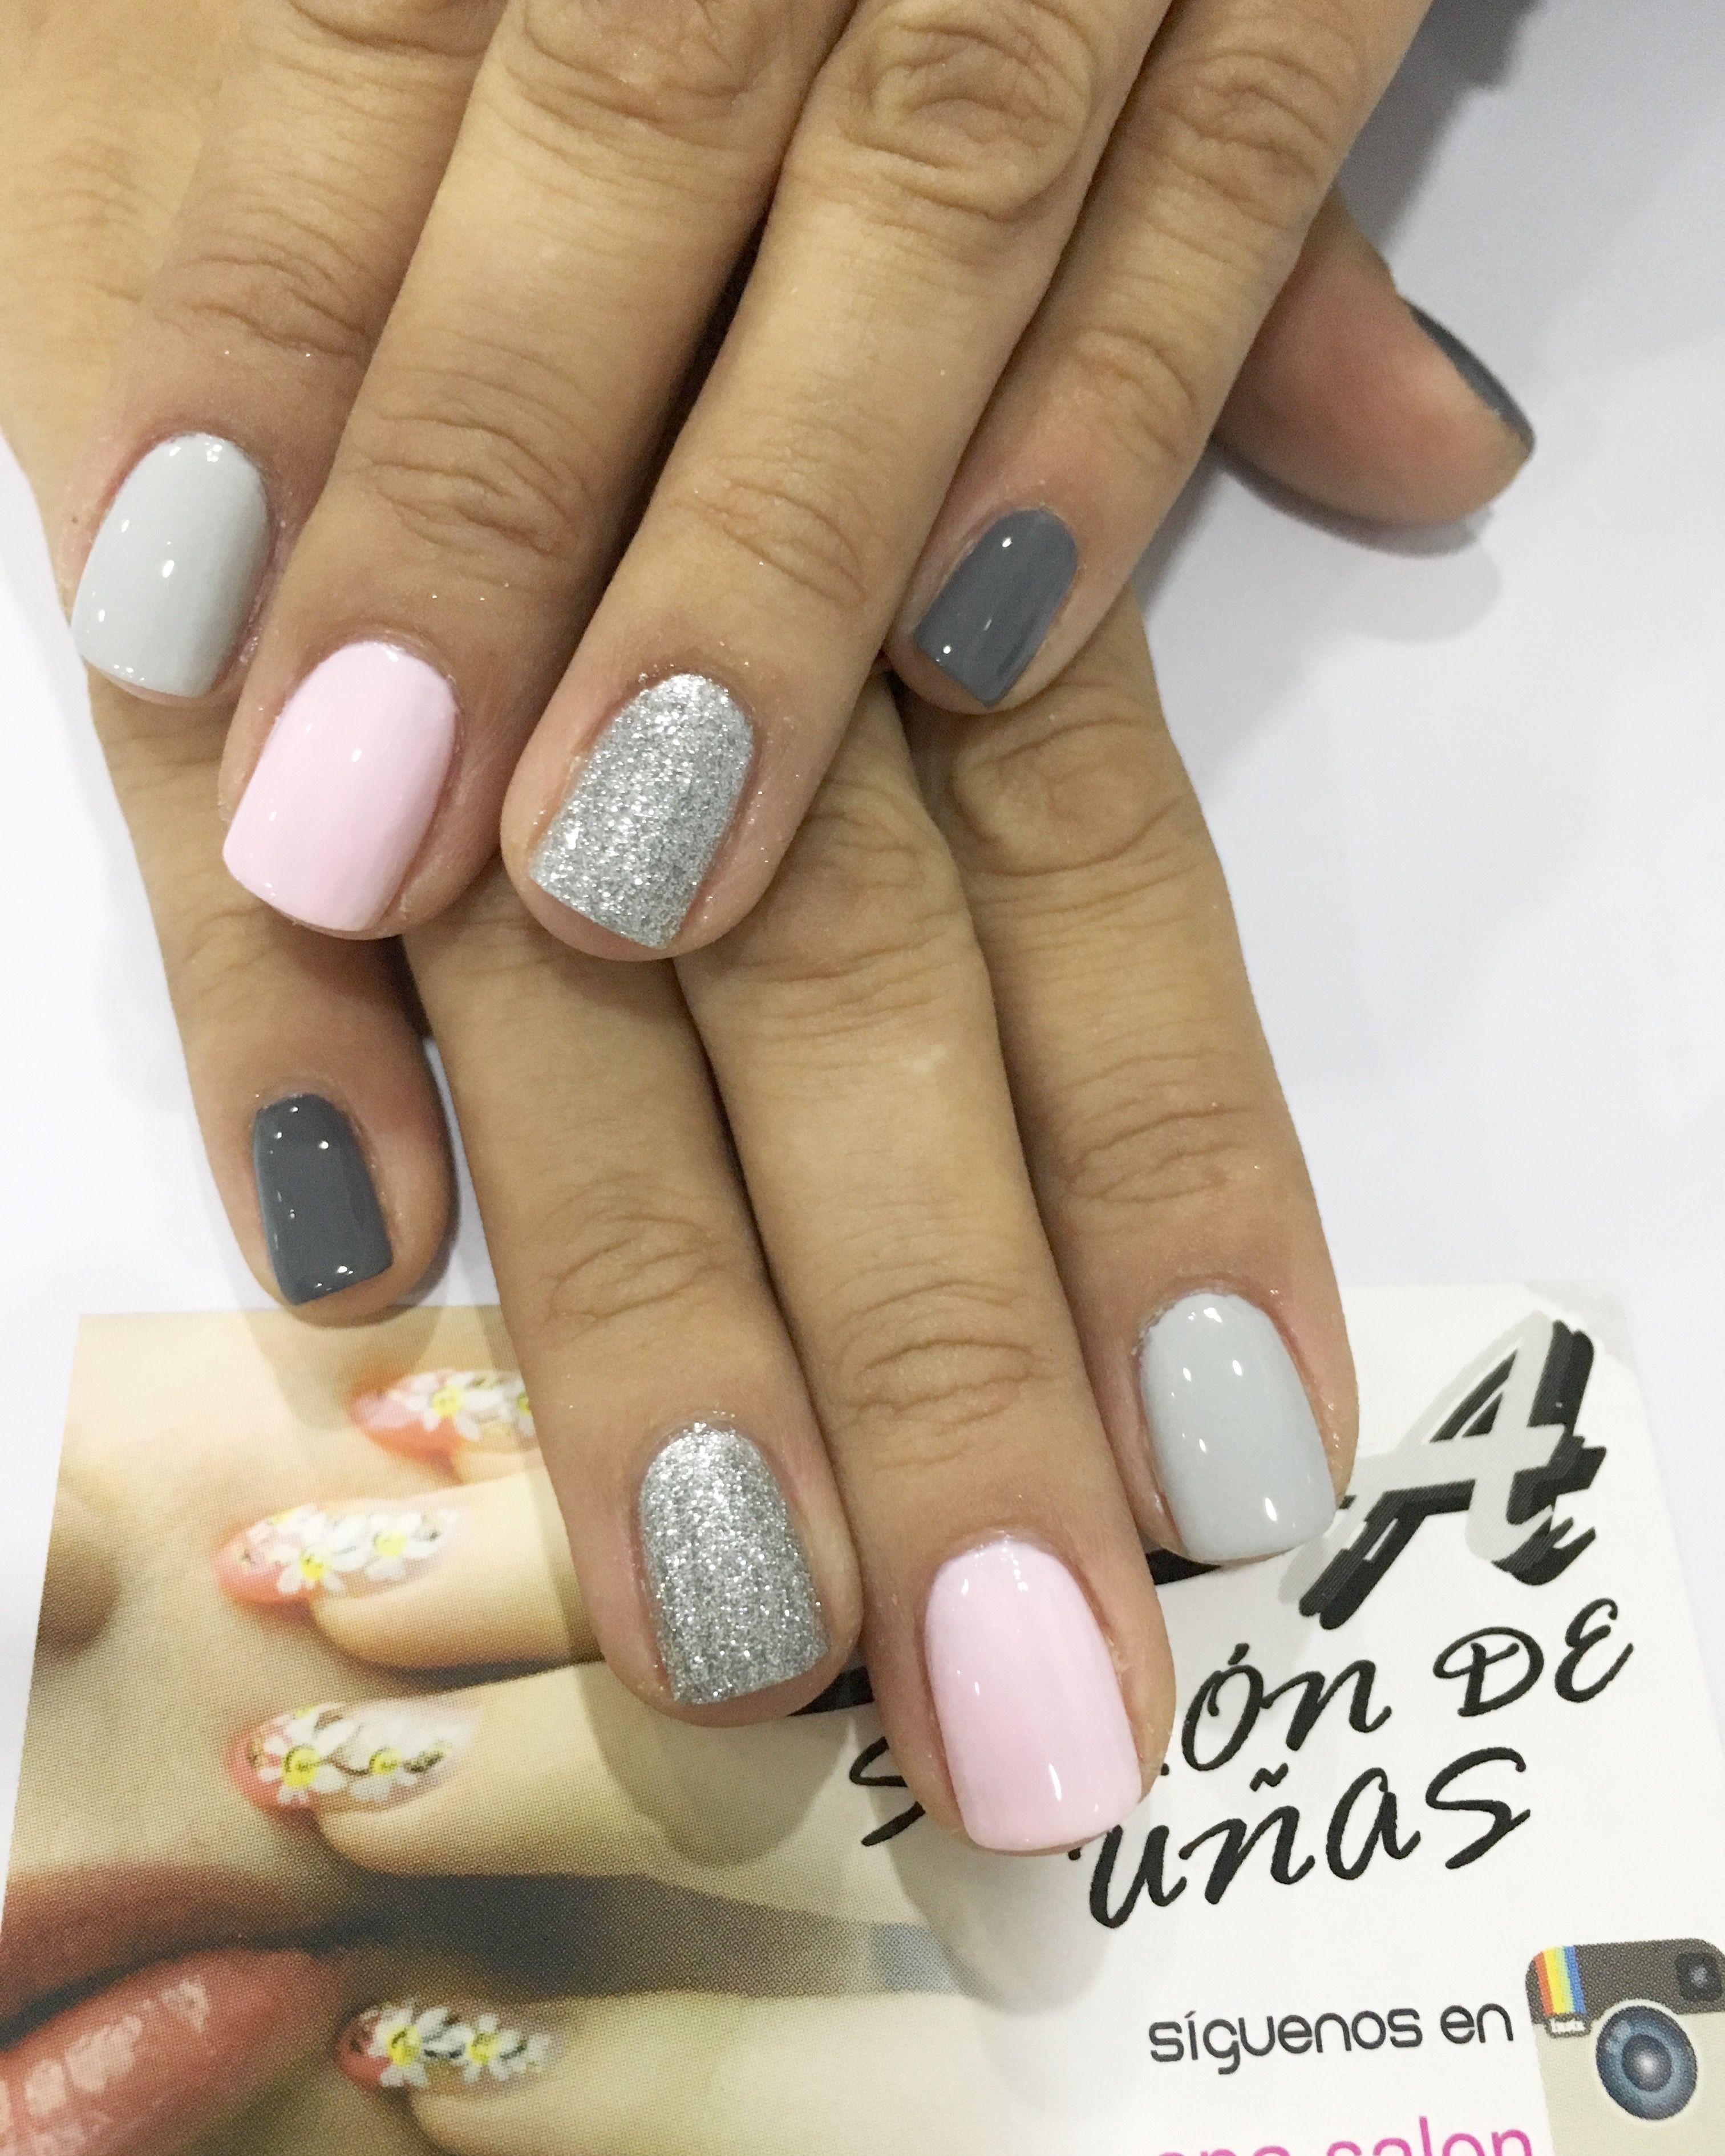 Pin de Kimy en Uñas | Pinterest | Uñas gelish, Salones de uñas y ...